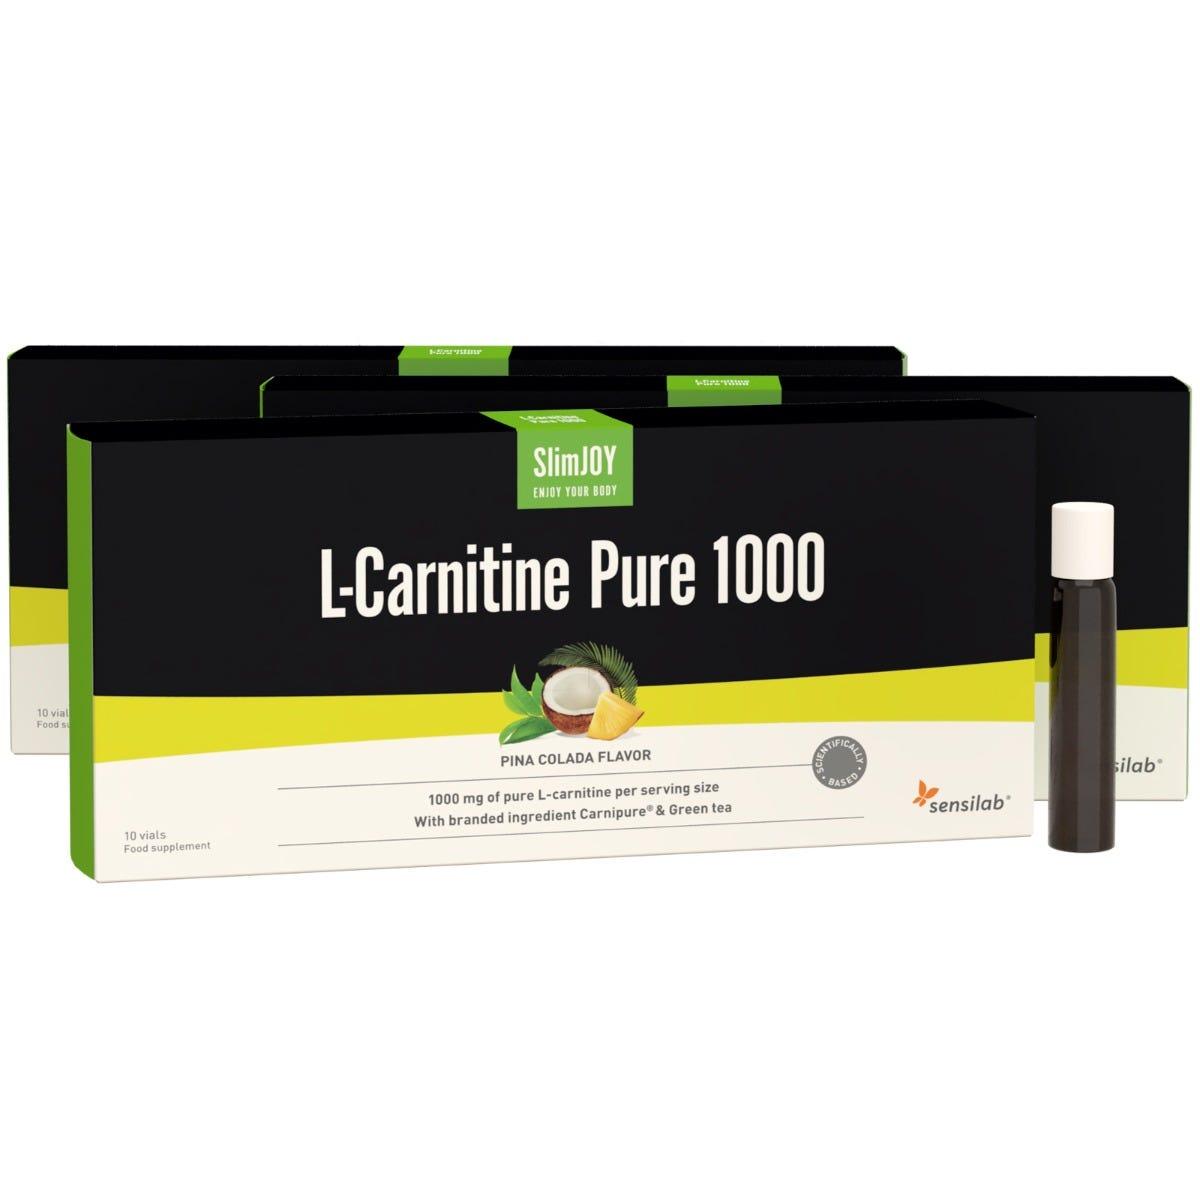 L-Carnitina Pura 1000 mg   Mega pack   L-Carnitine Carnipure - la più pura L-Carnitina liquida sul mercato   Gusto di pina colada   30 fiale   SlimJOY.